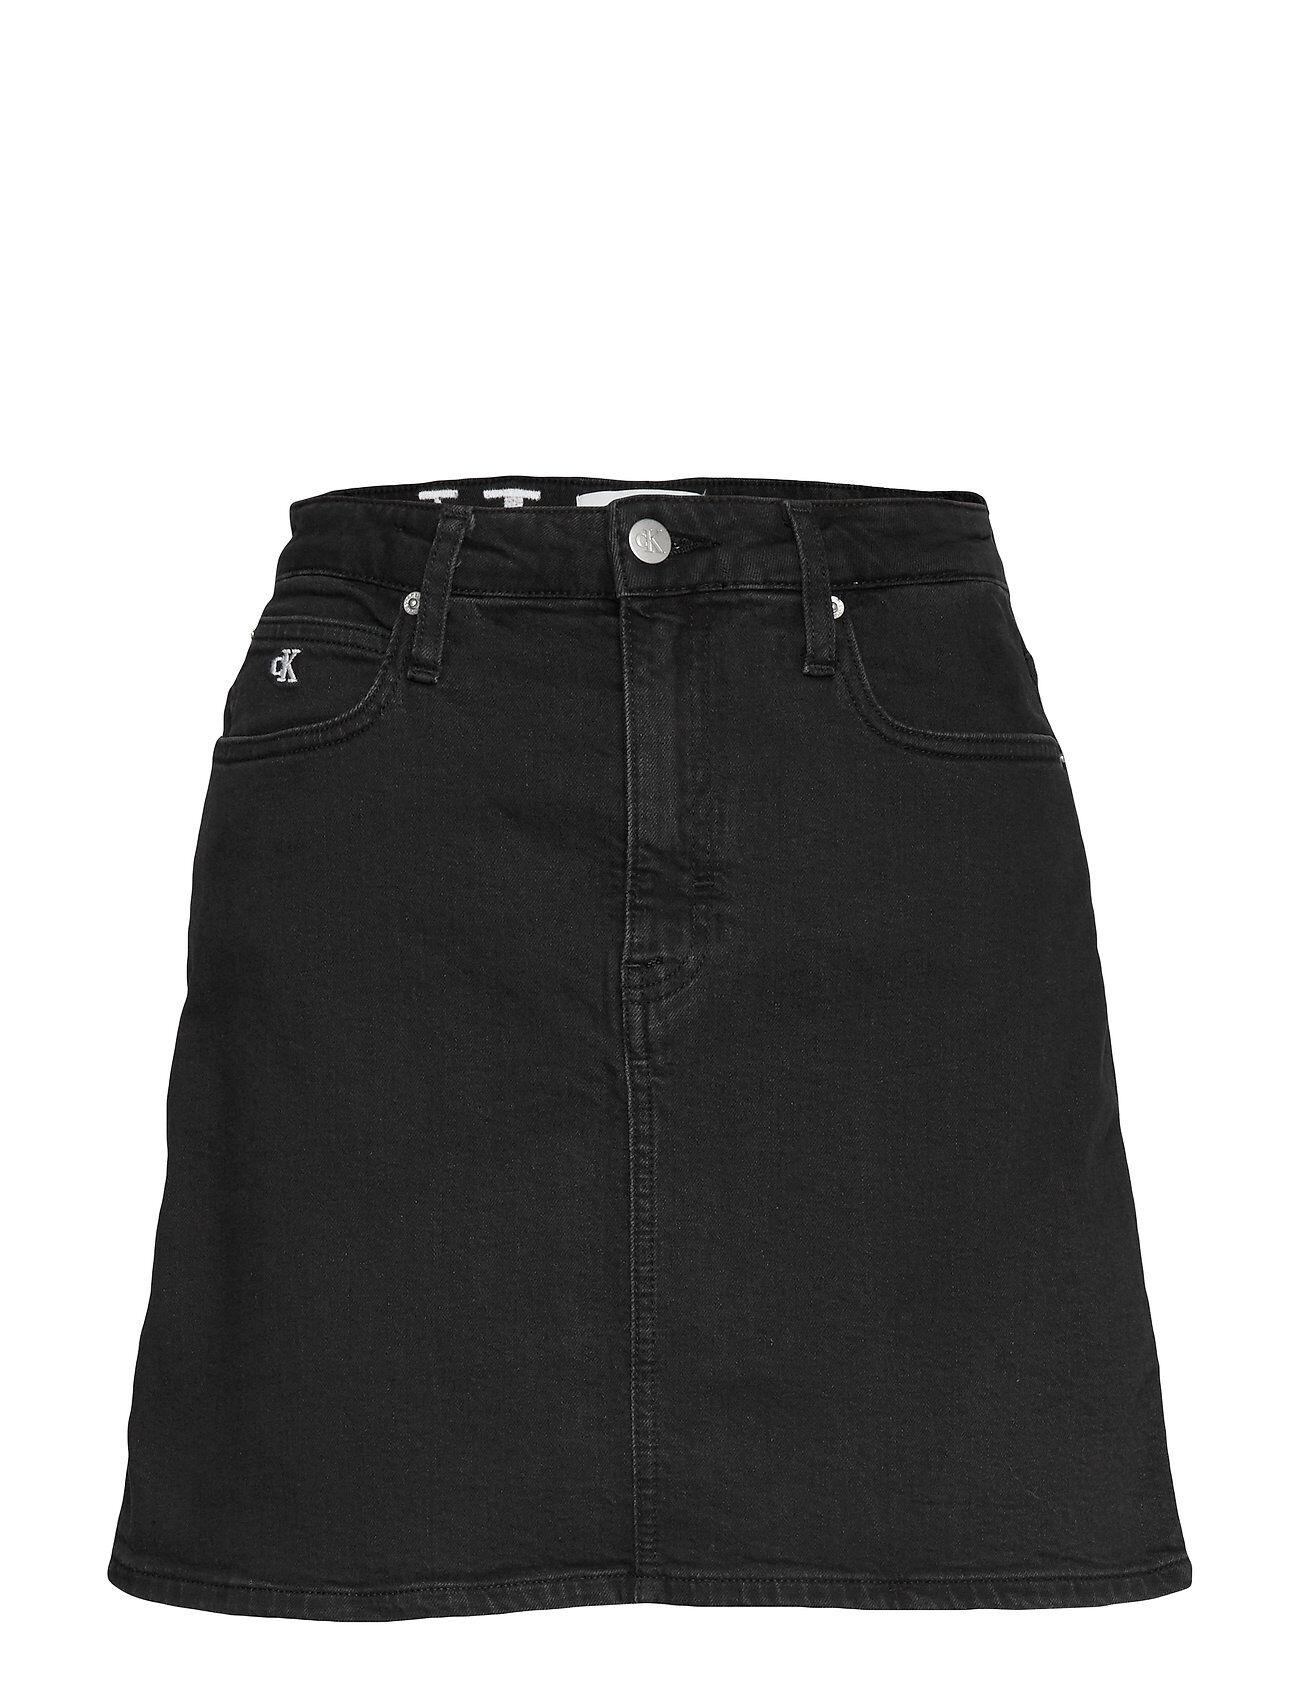 Image of Calvin High Rise Mini Skirt Lyhyt Hame Musta Calvin Klein Jeans